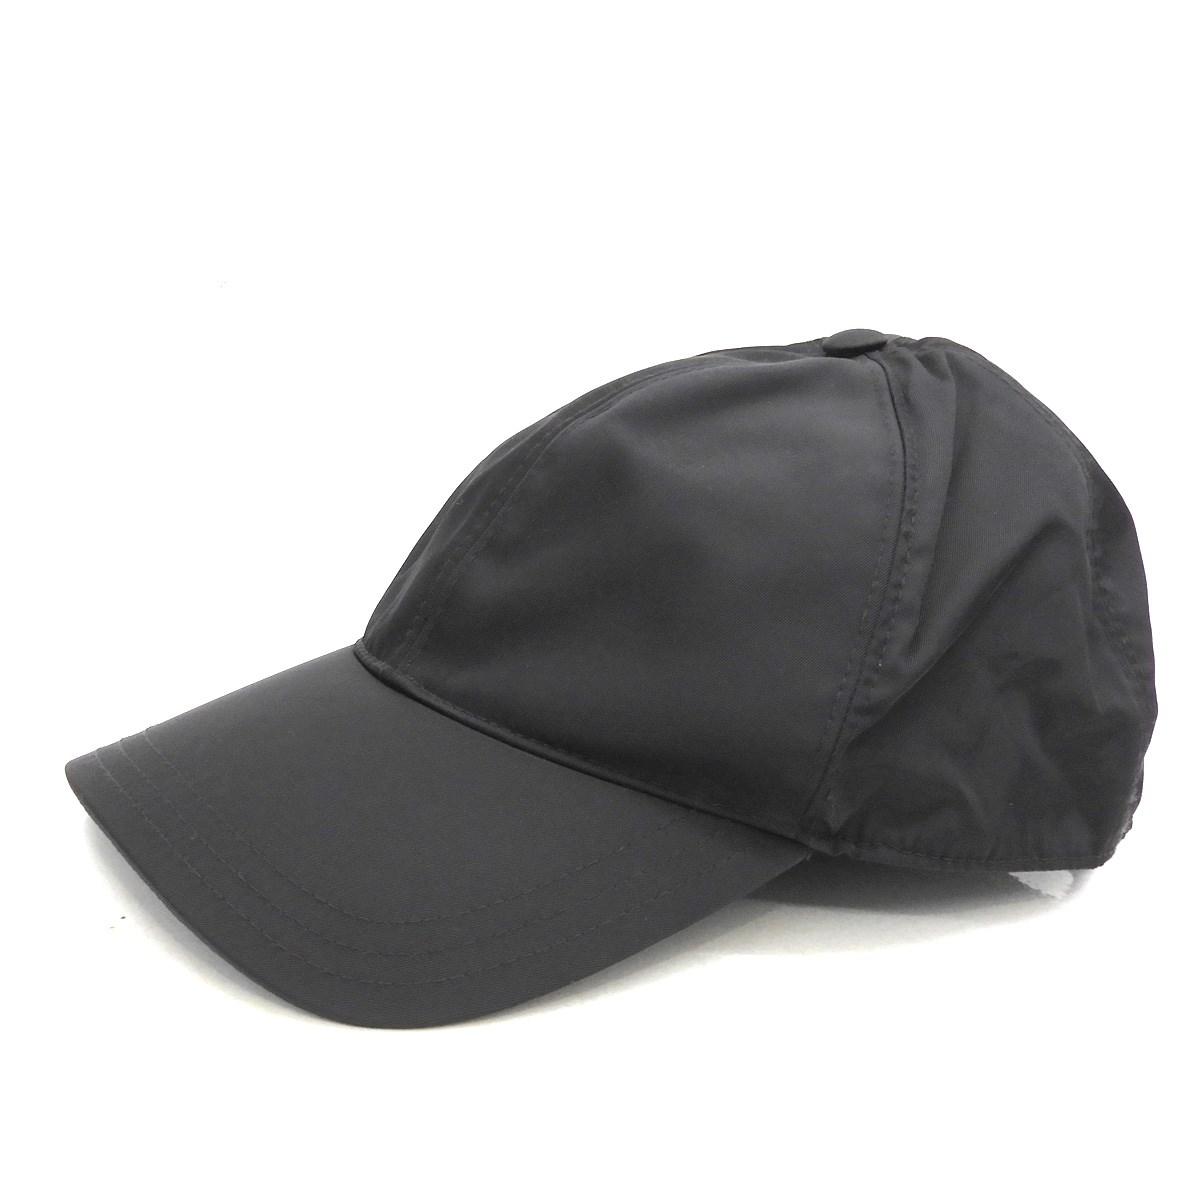 【中古】PRADA ベースボールキャップ ブラック サイズ:XL 【120420】(プラダ)